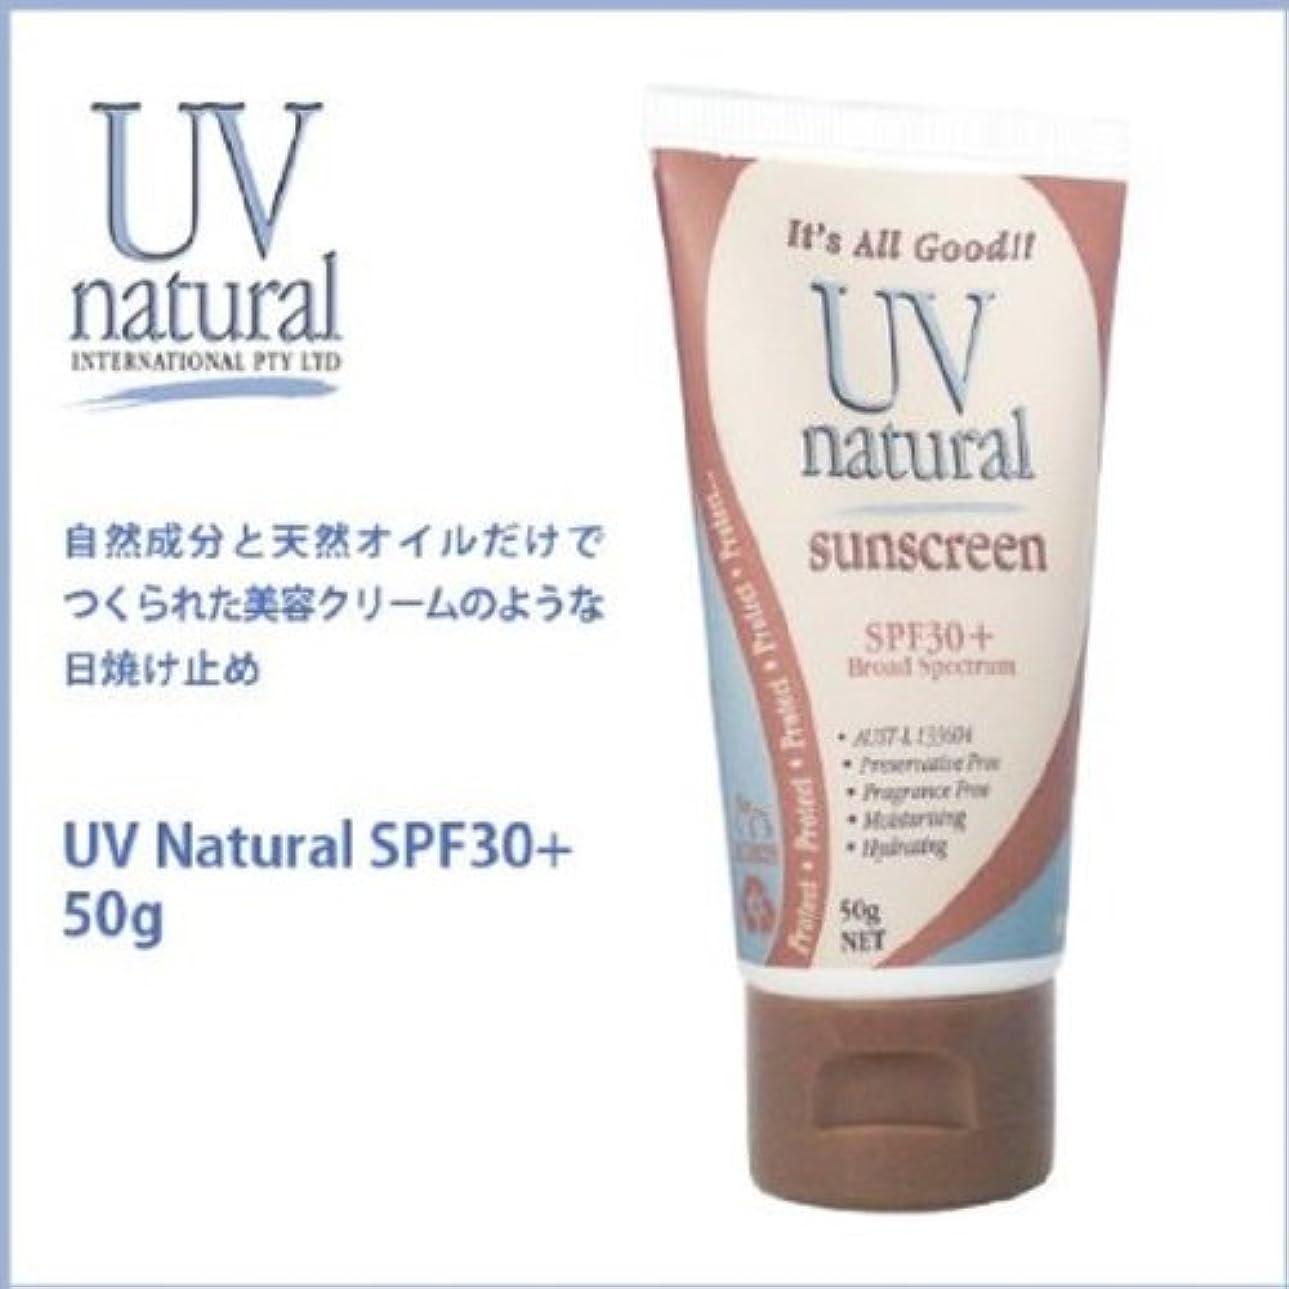 垂直用語集裕福な【UV NATURAL】日焼け止め Natural SPF30+ 50g 3本セット